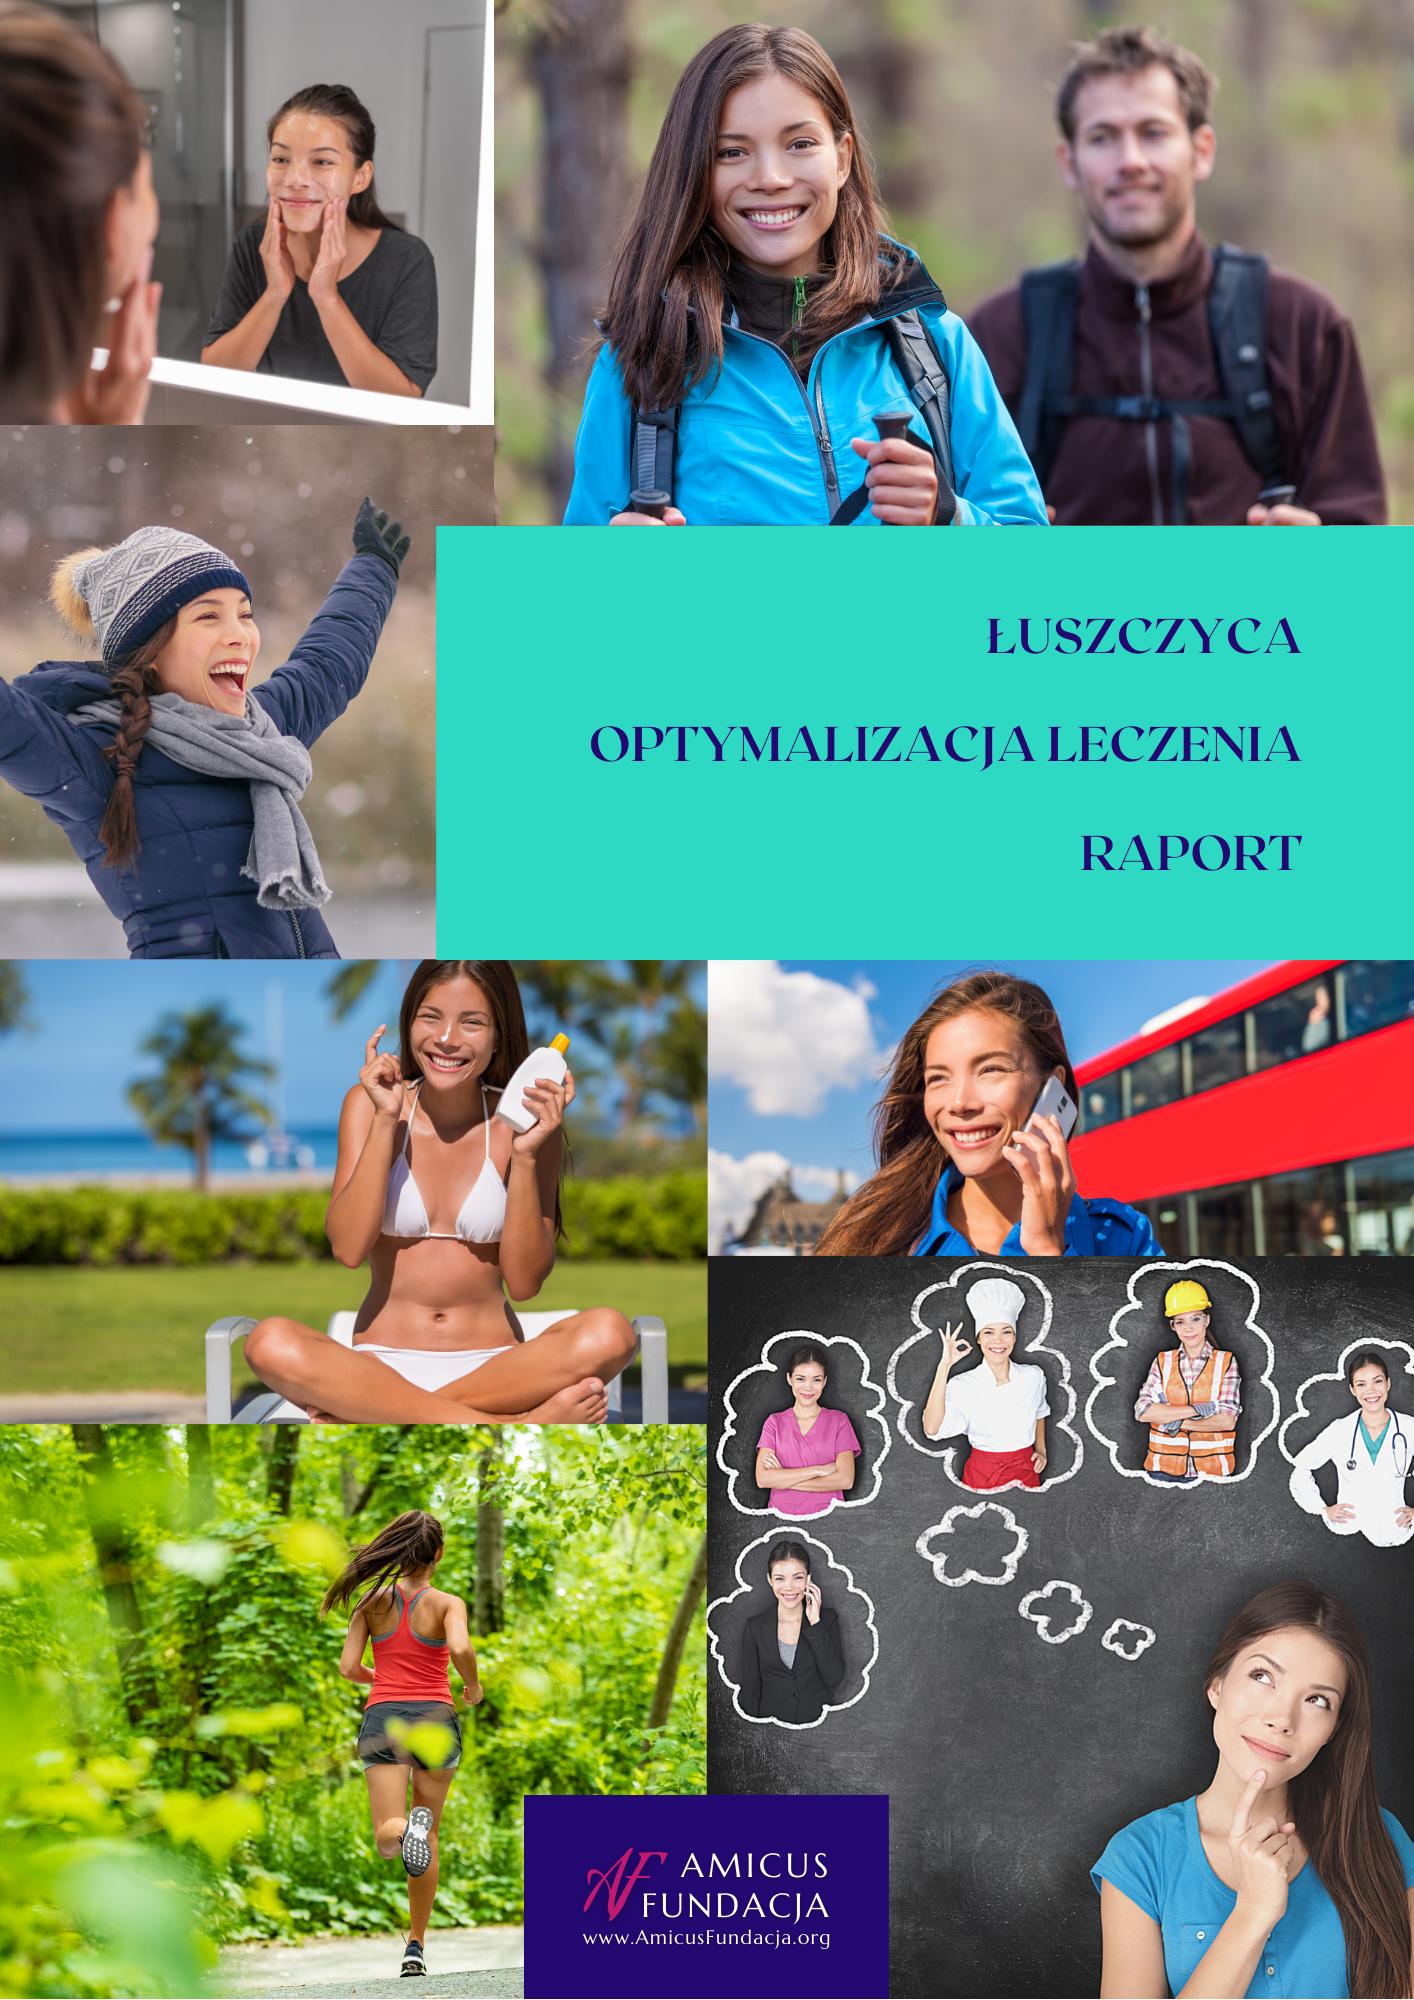 kopia-raport-luszczyca